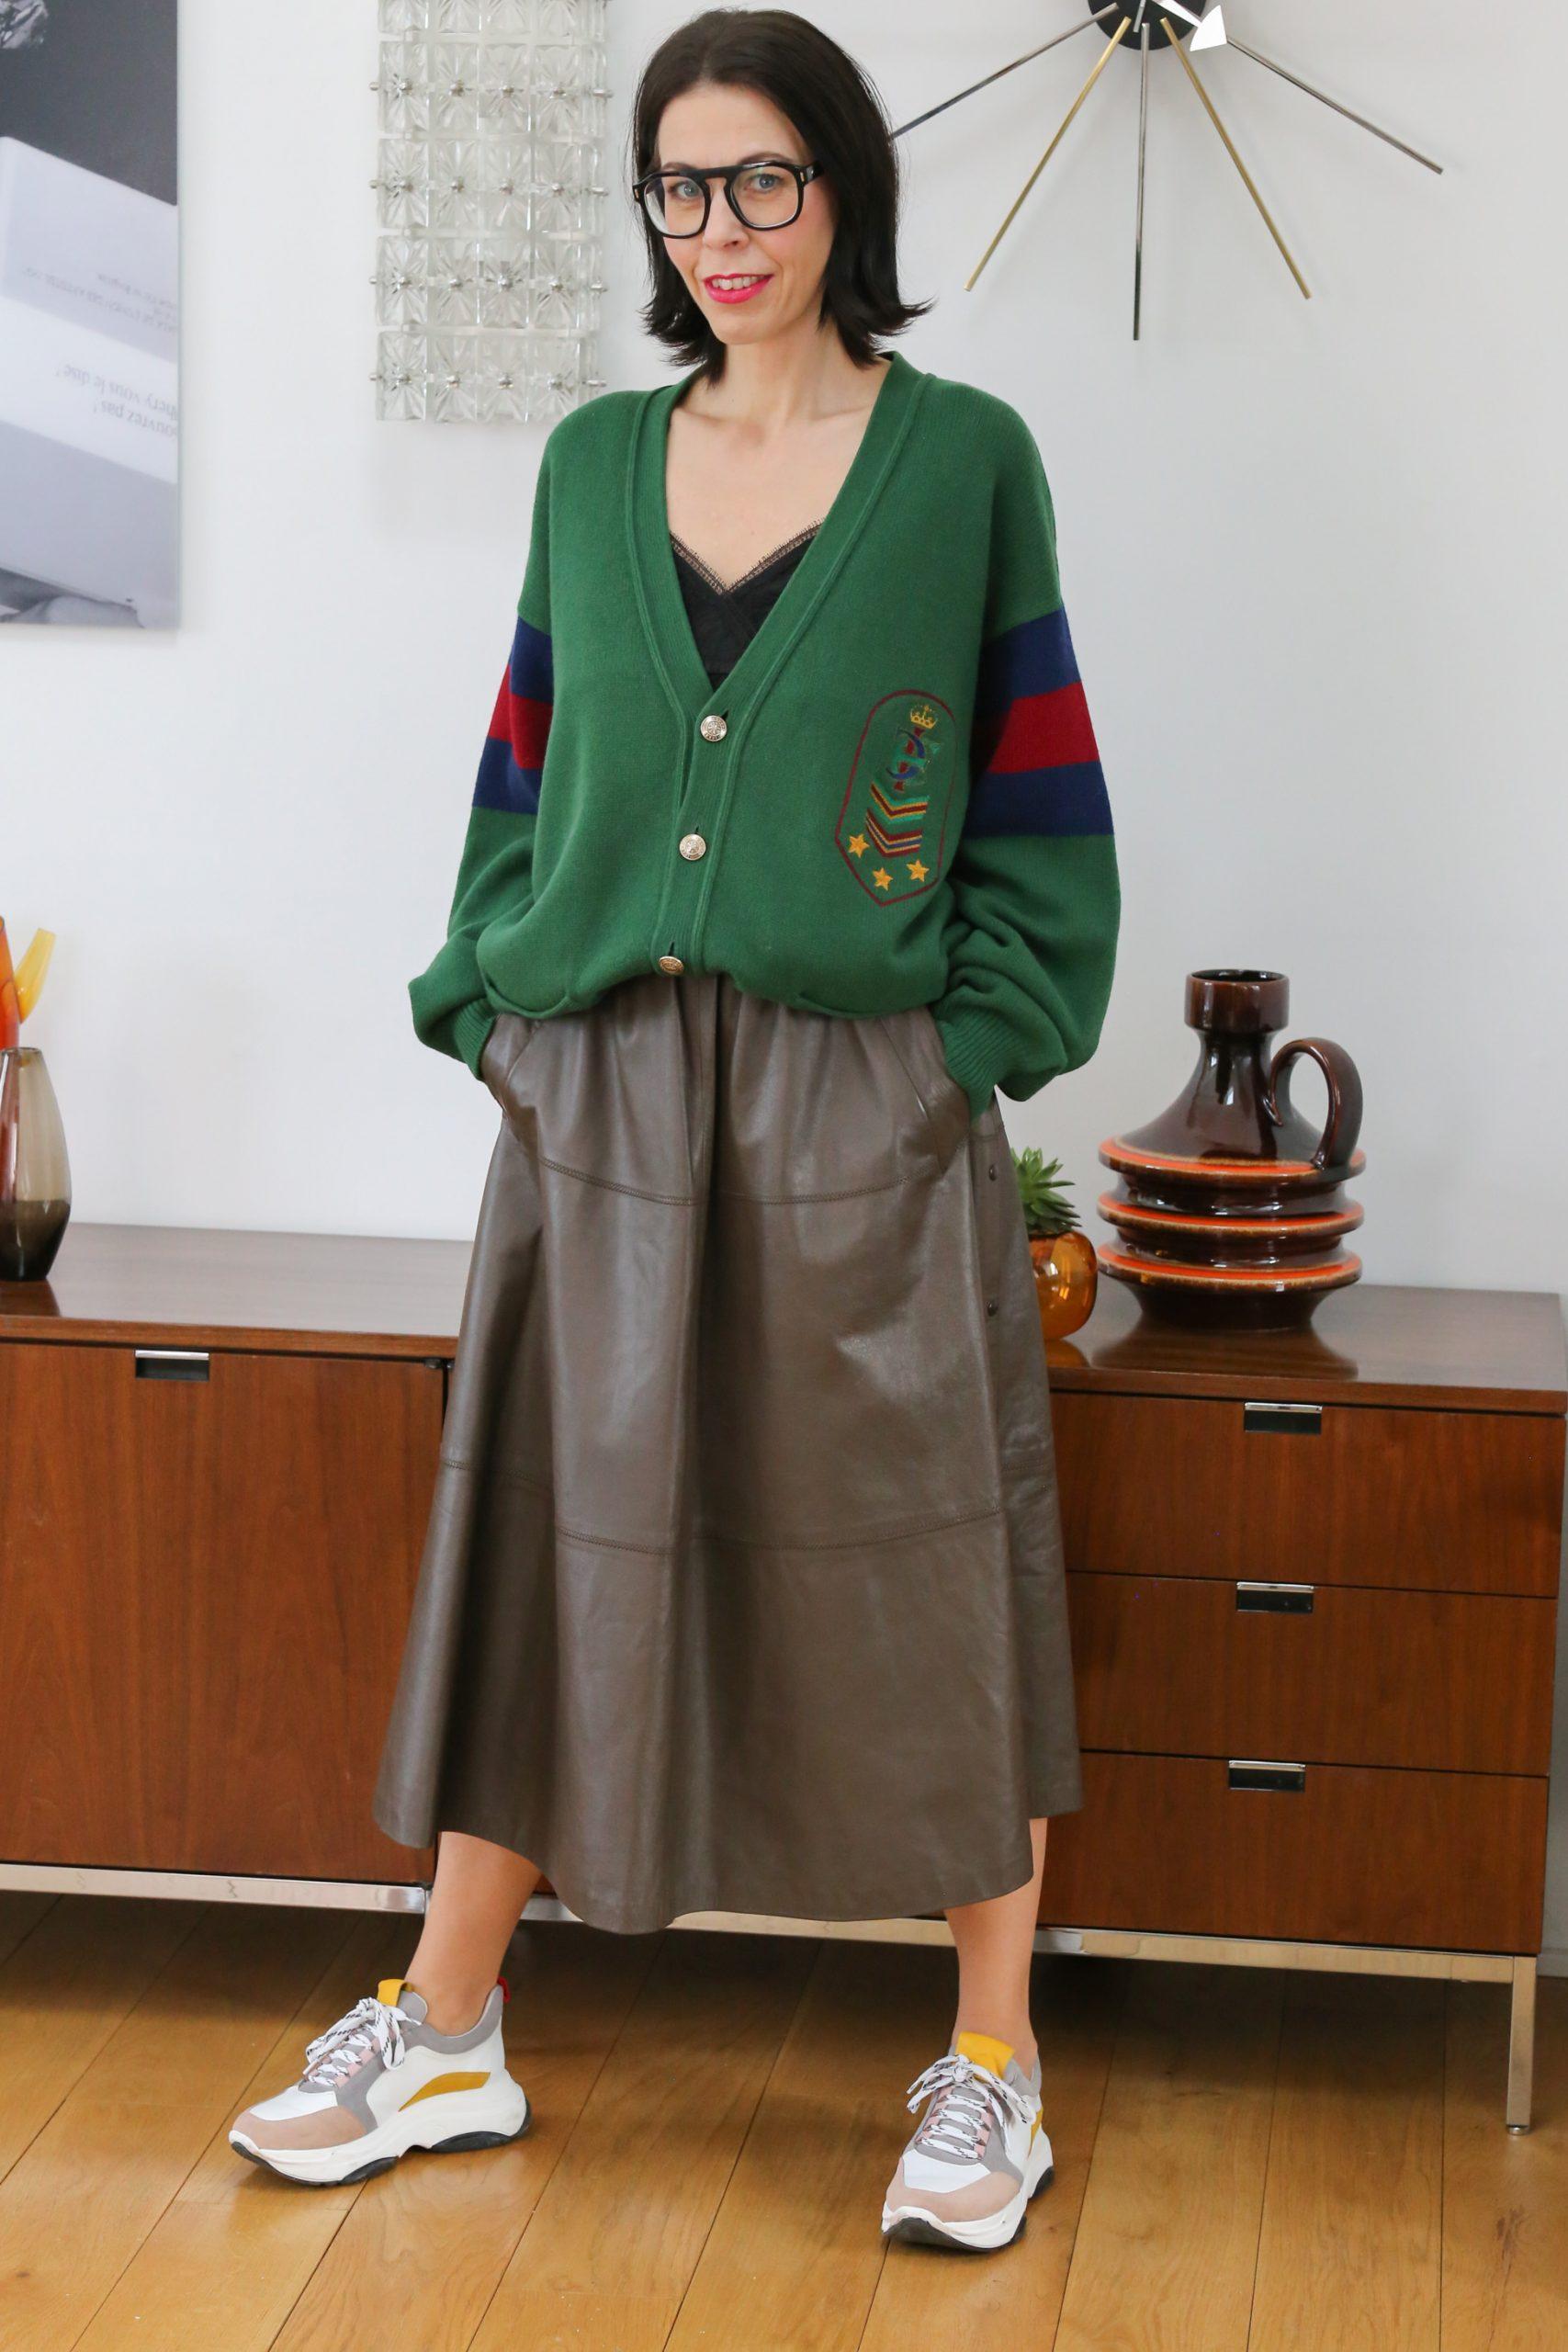 Kleiderschrank-Experiment Eine Frau mit schwarzen langen Haaren mit einer grünen Strickjacke und einem braunen Lederrock und Sneaker